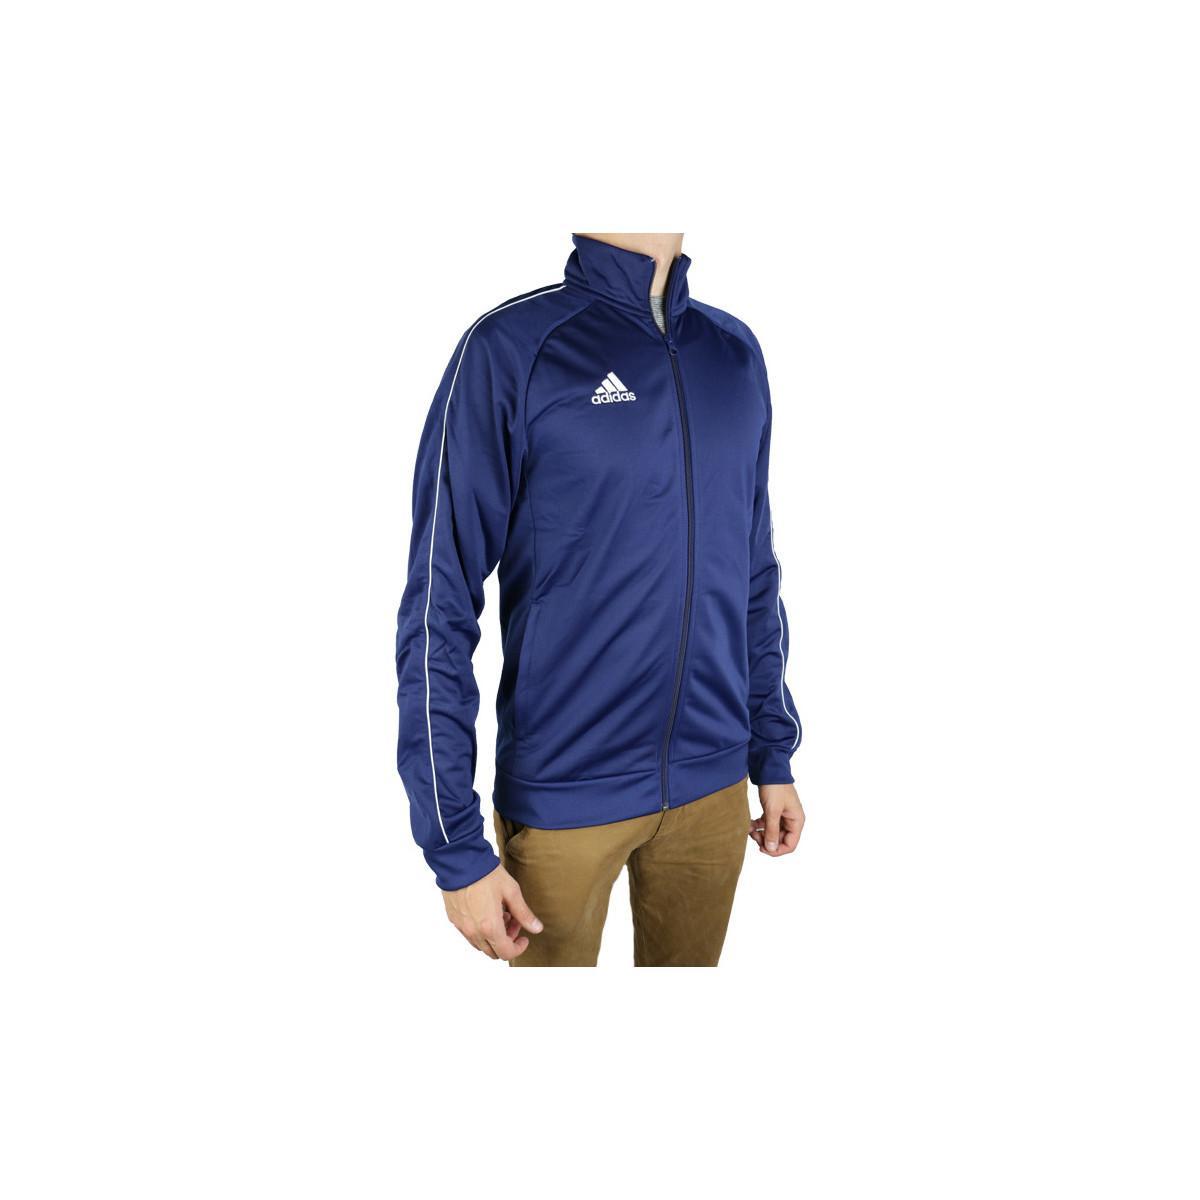 adidas Trainingsjack Core 18 Pes Jkt Cv3563 in het Blauw voor heren